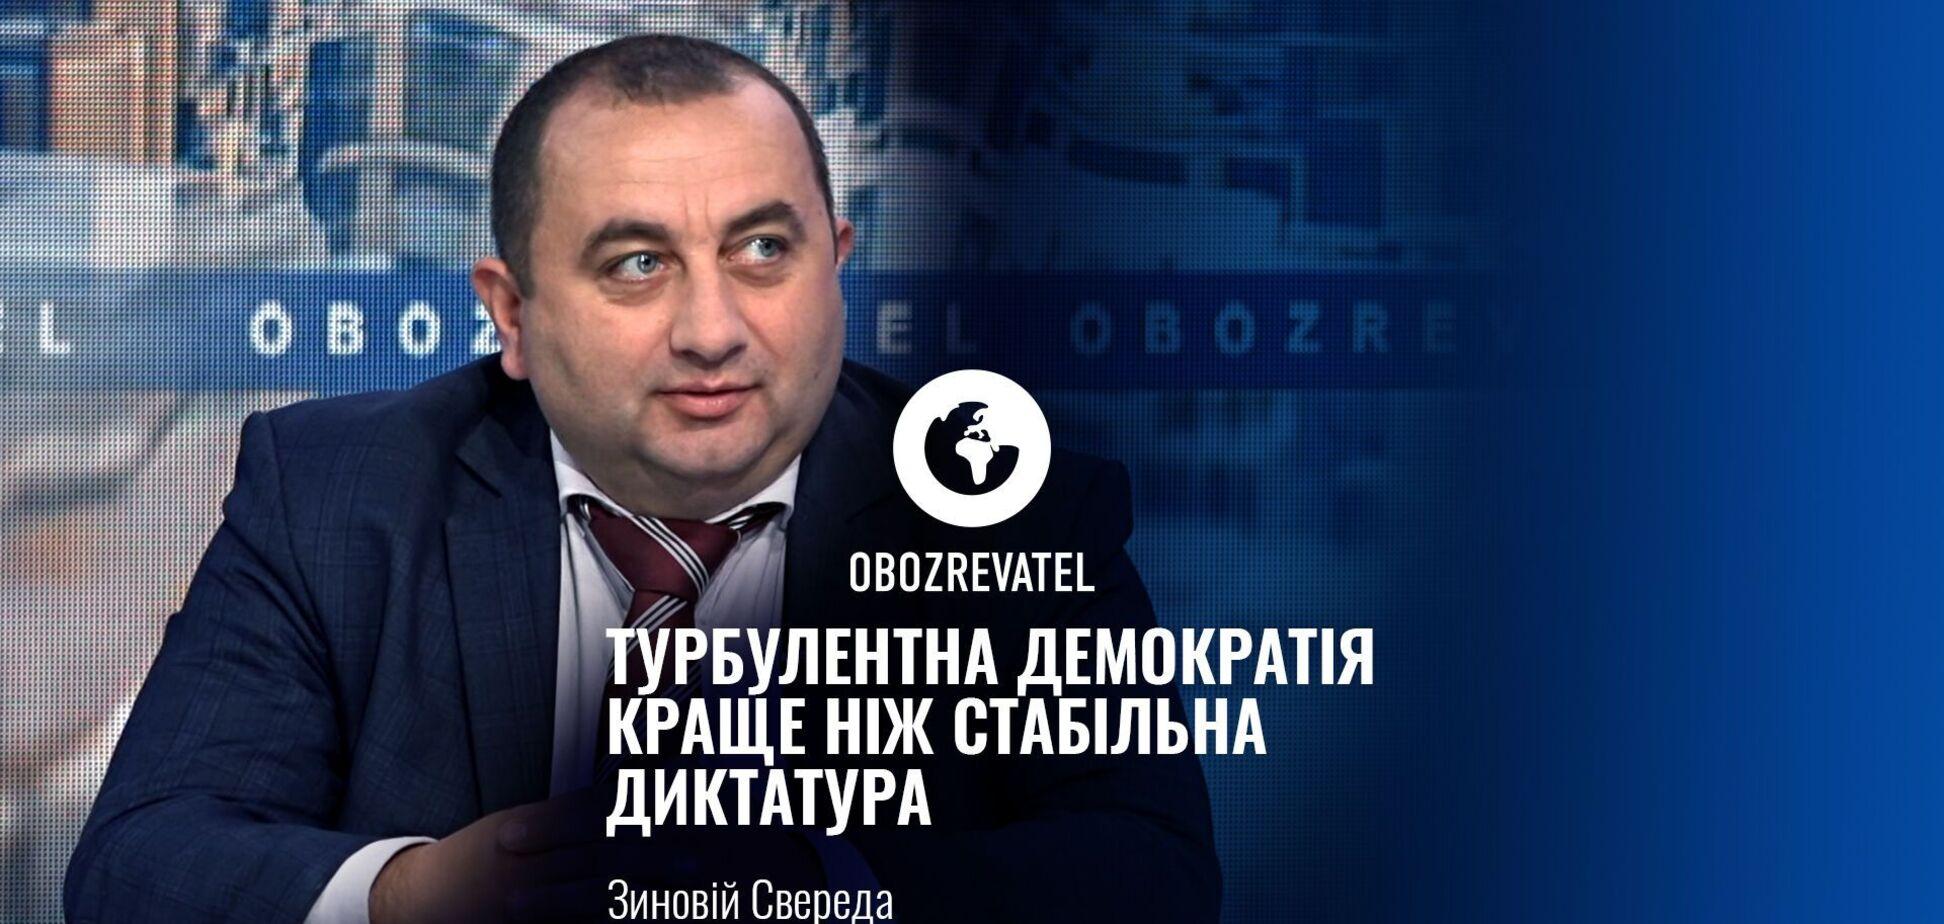 Донбас і Крим це Судети, які можуть 'здати' ворогу ідеологічно корумповані політики ЄС, – Зиновій Свереда